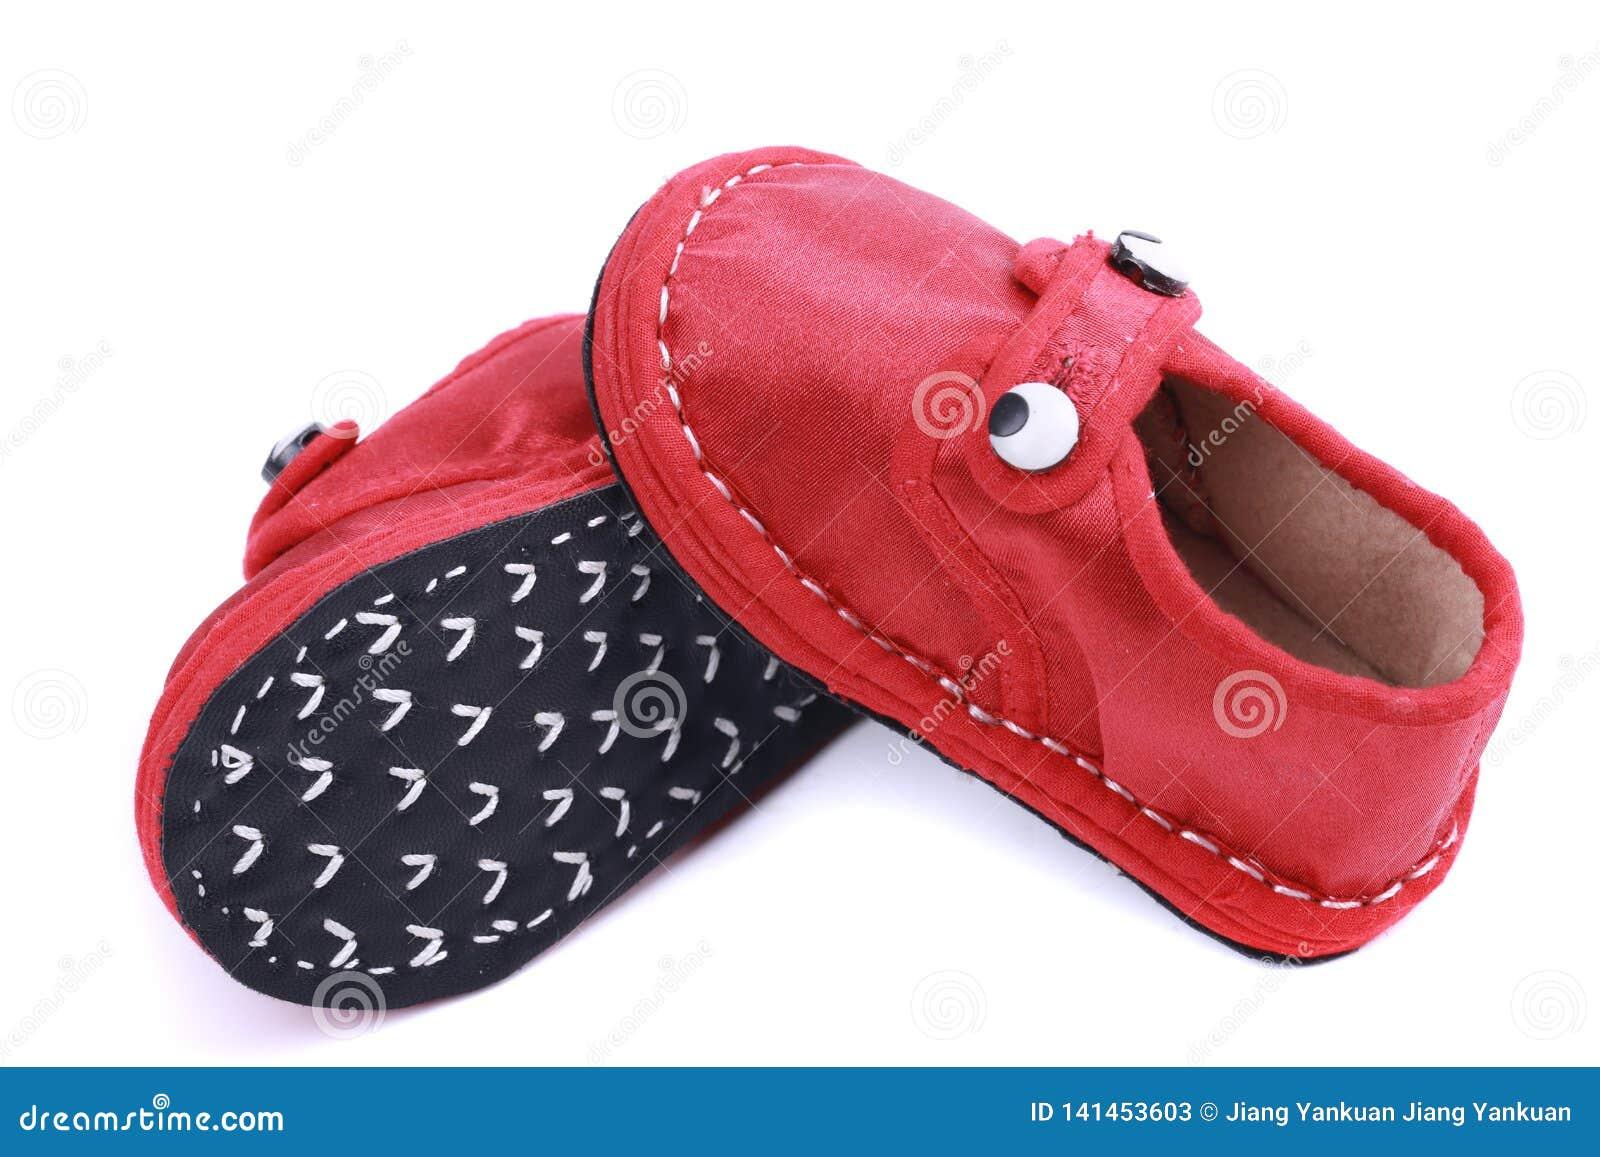 Sapatas vermelhas de pano para crianças